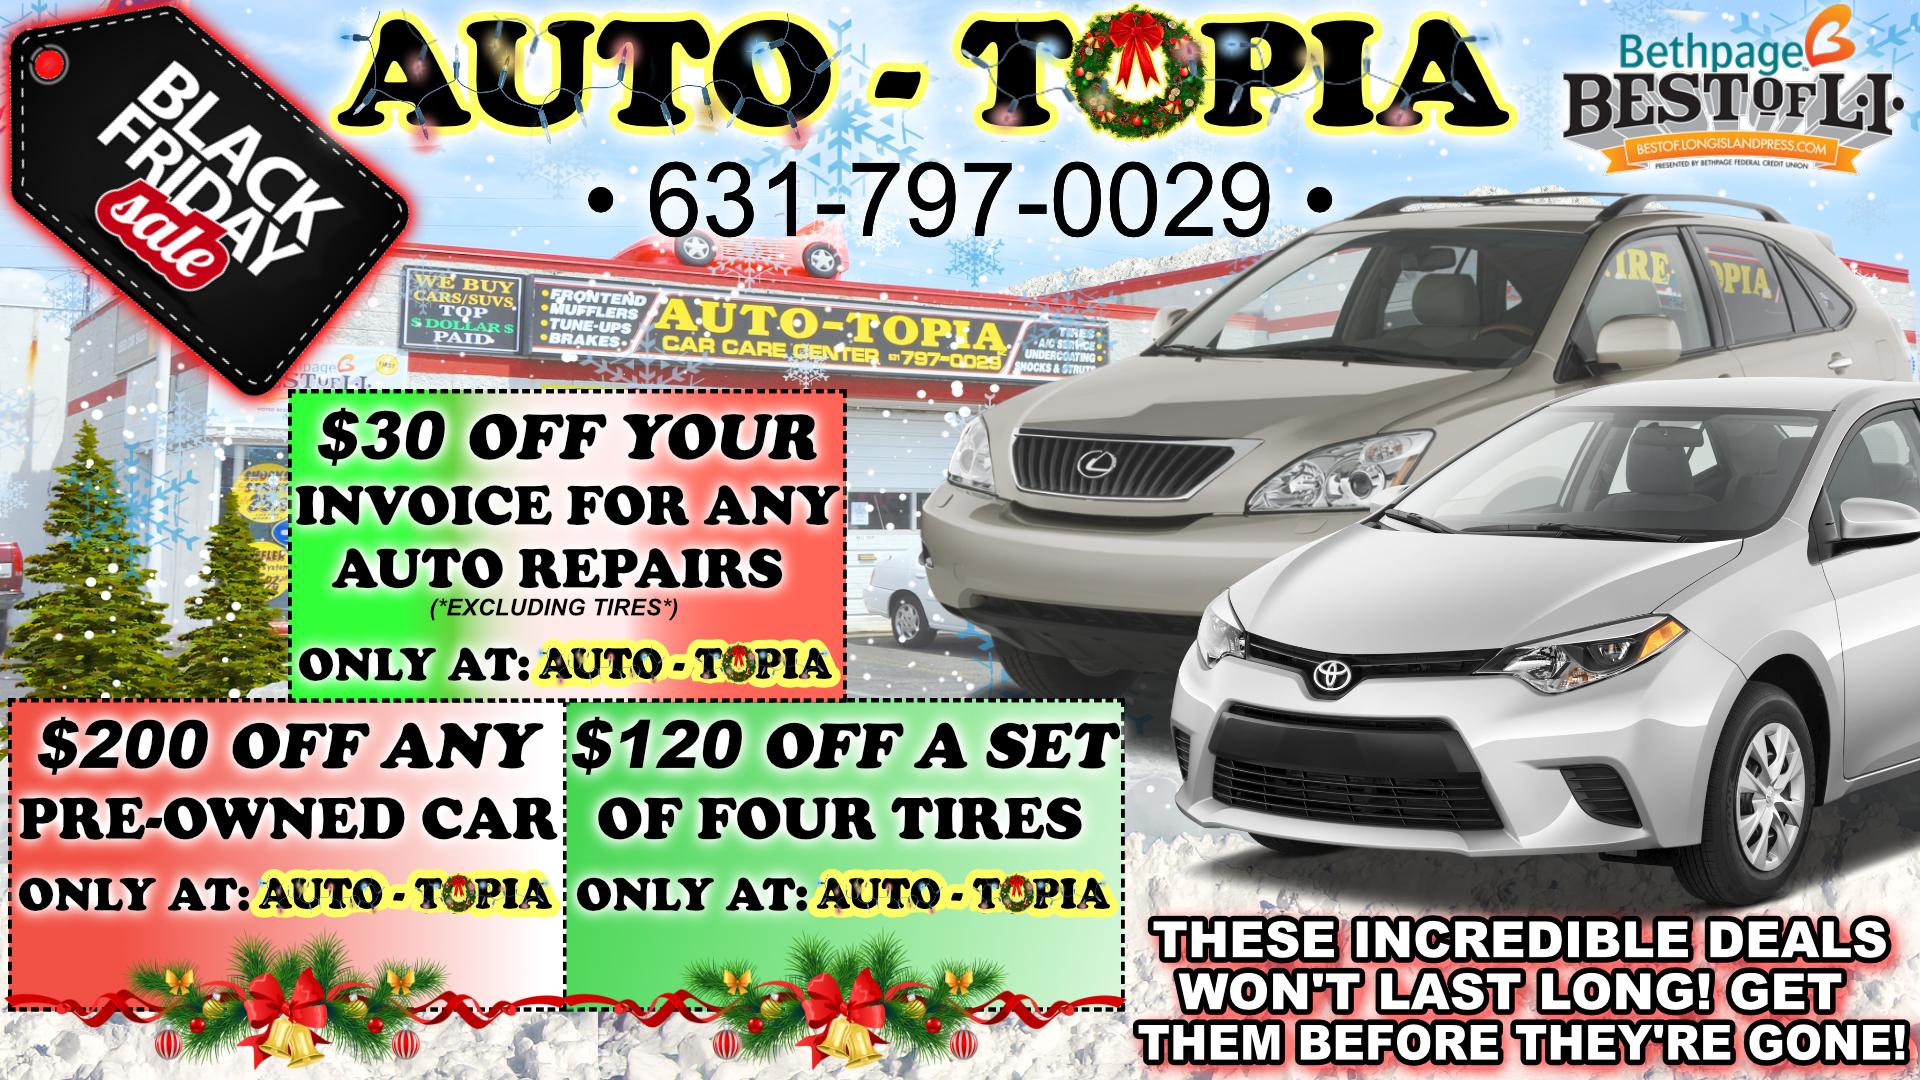 AUTO-TOPIA BLACK FRIDAY AD